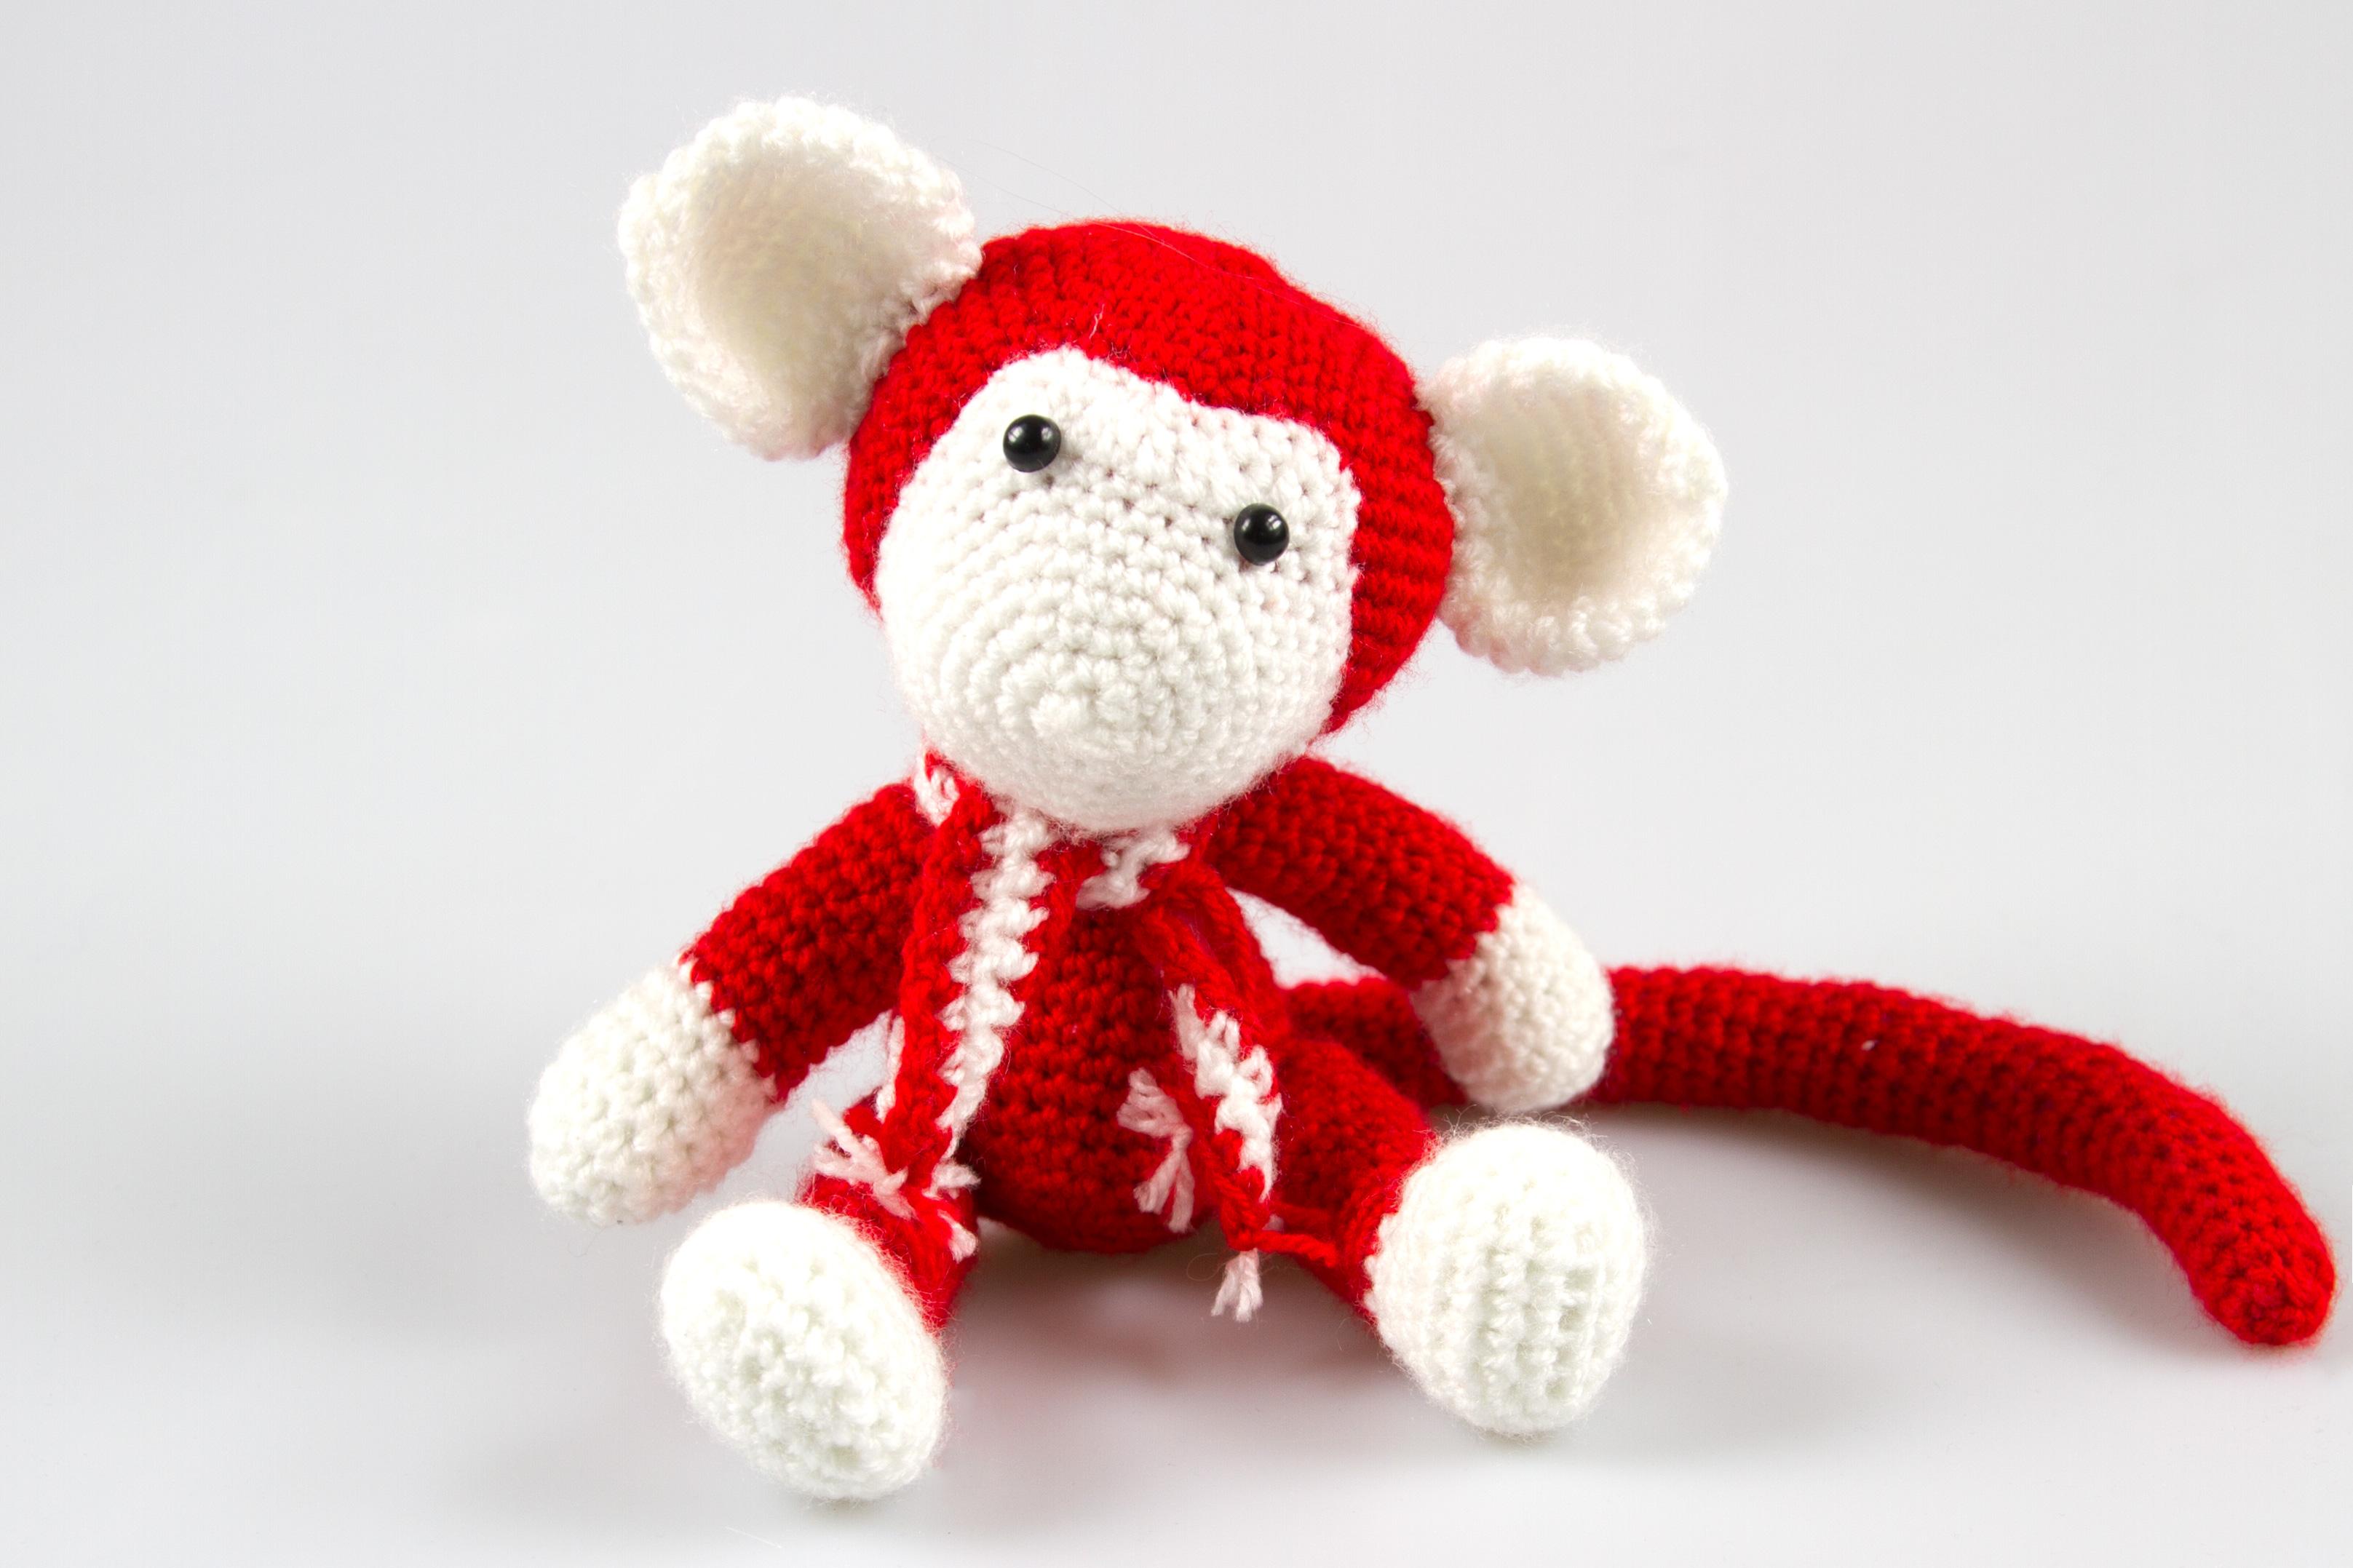 Monkey Pattern Crochet monkey Knitting pattern Crochet | Etsy | 2155x3233